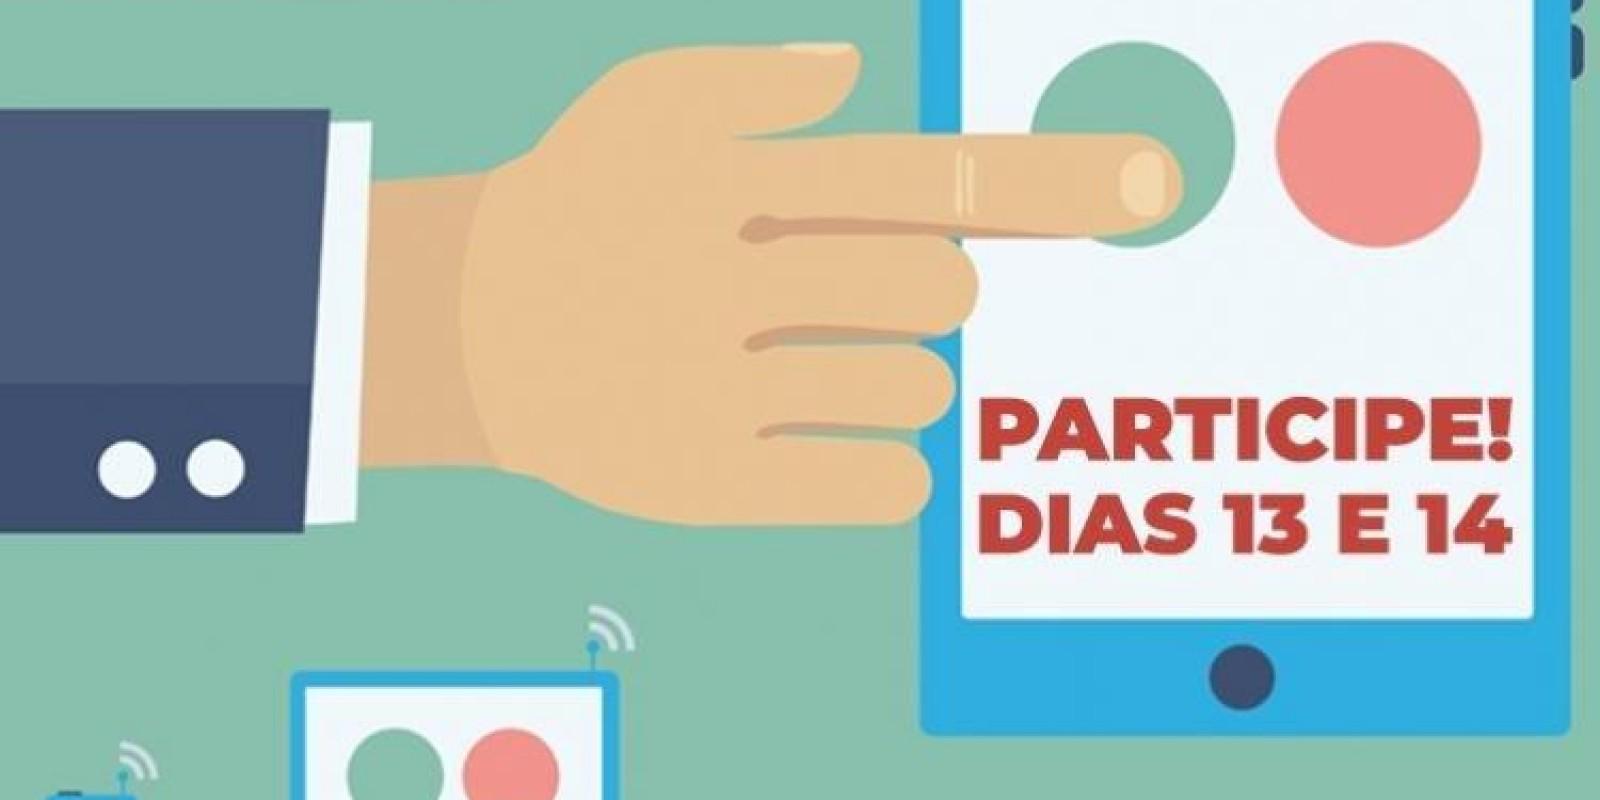 Assembleia virtual do Santander dias 13 e 14: Sindicato indica aprovação do acordo